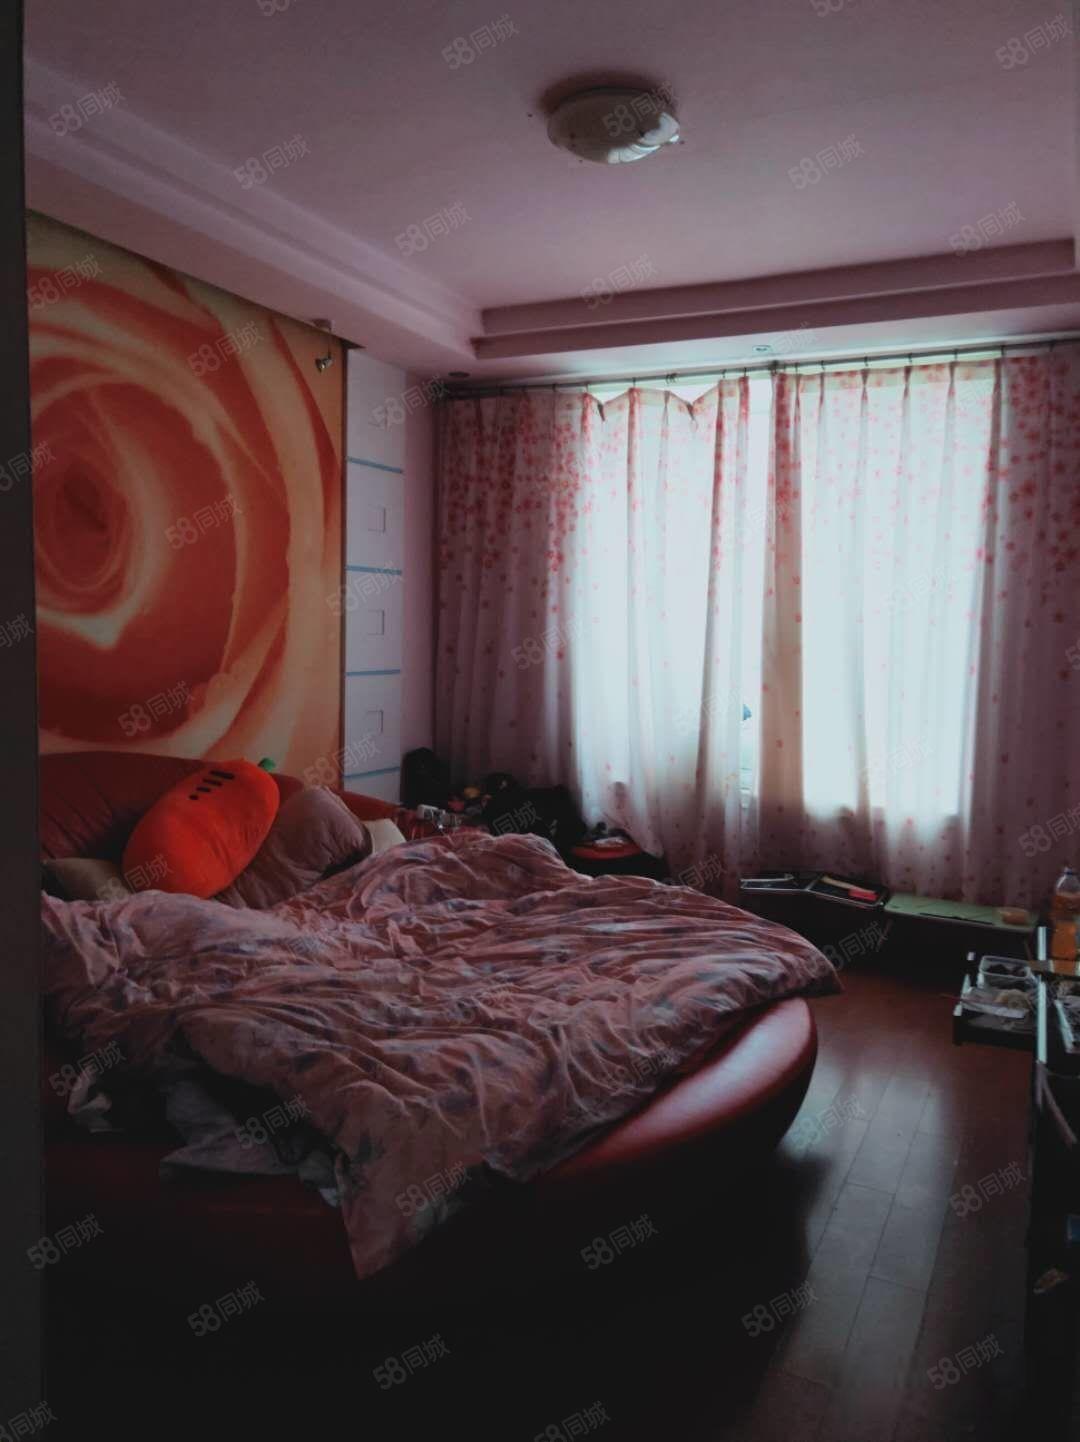 沙田艺林园4室2厅2卫精装165平米可贷款无差额税